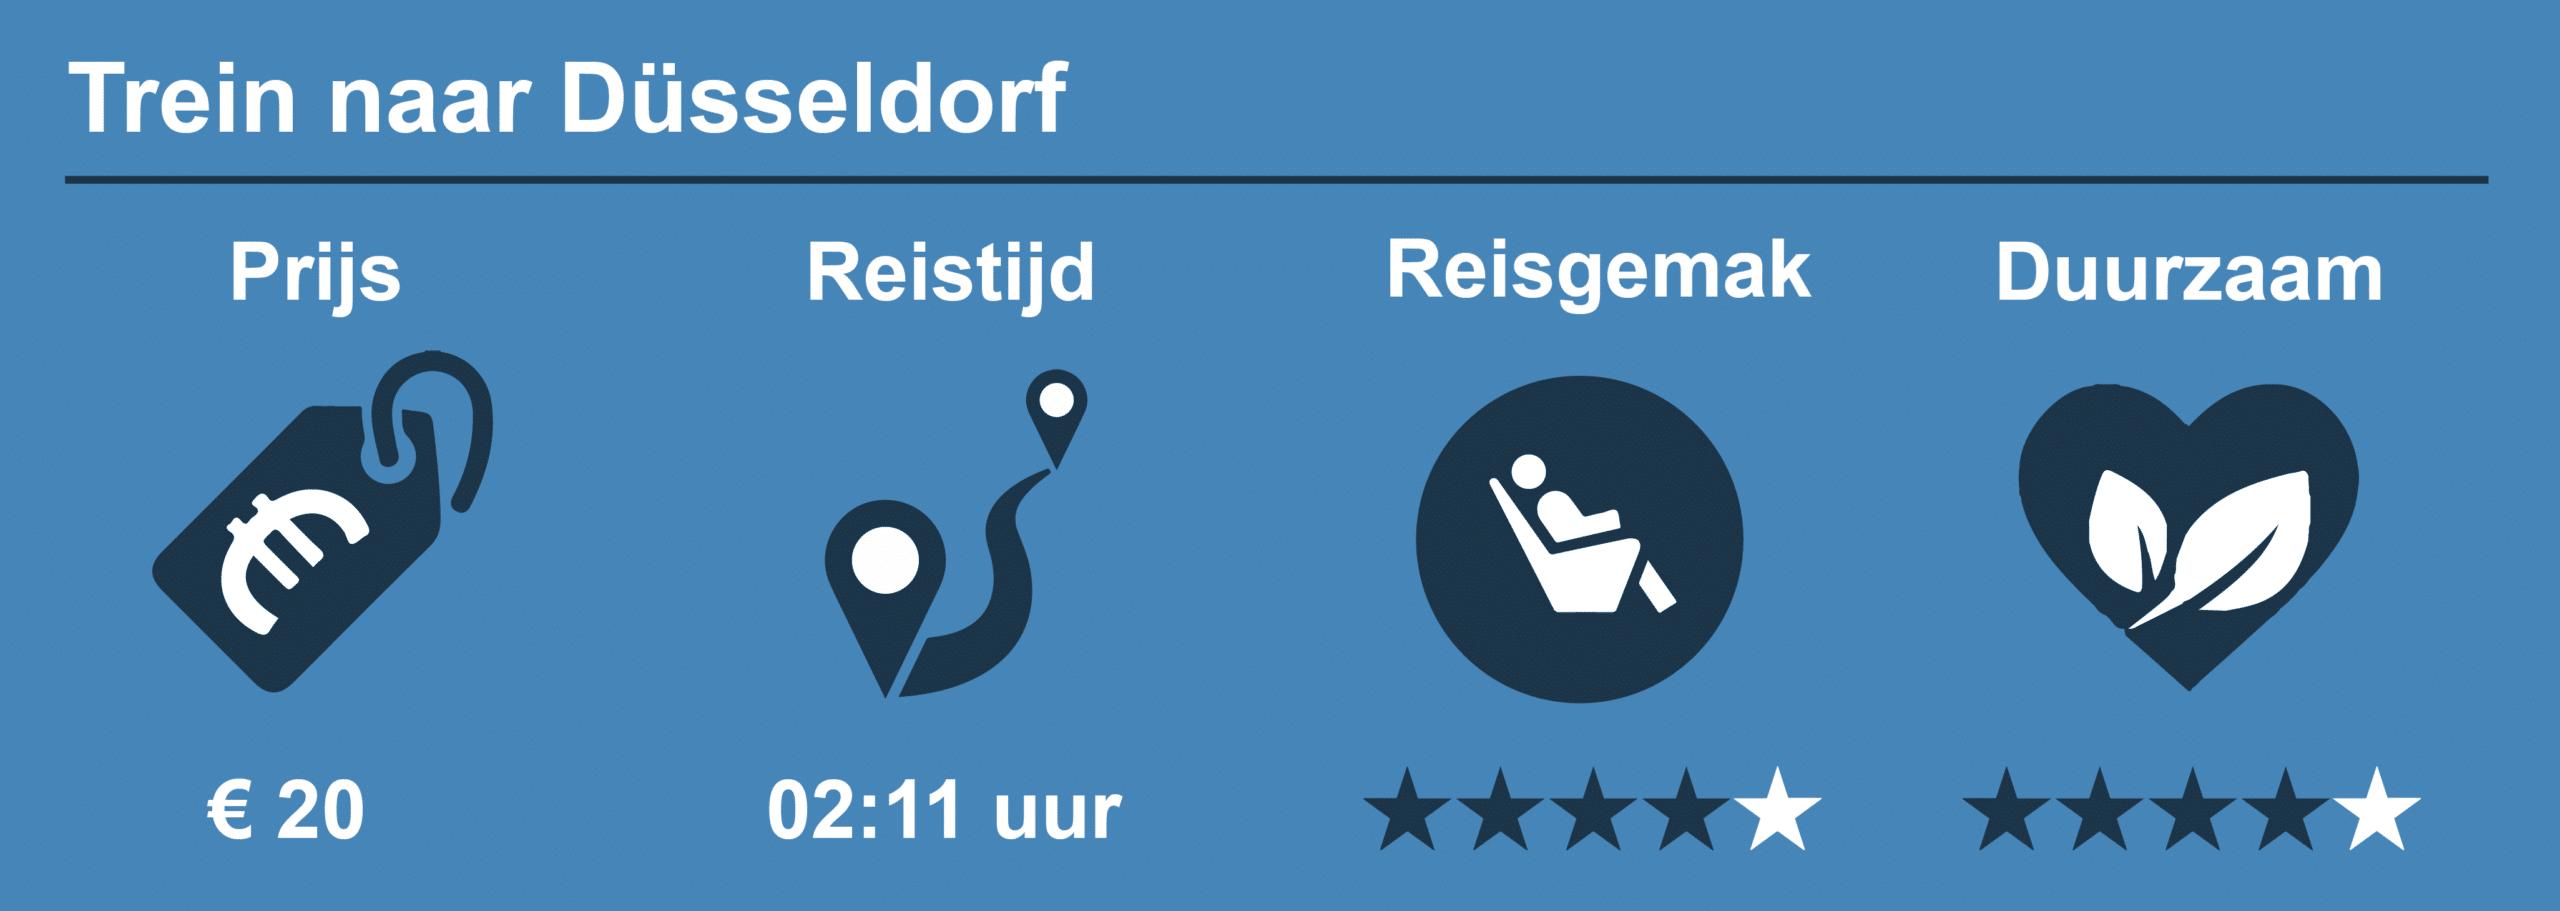 Reisinformatie trein naar Dusseldorf